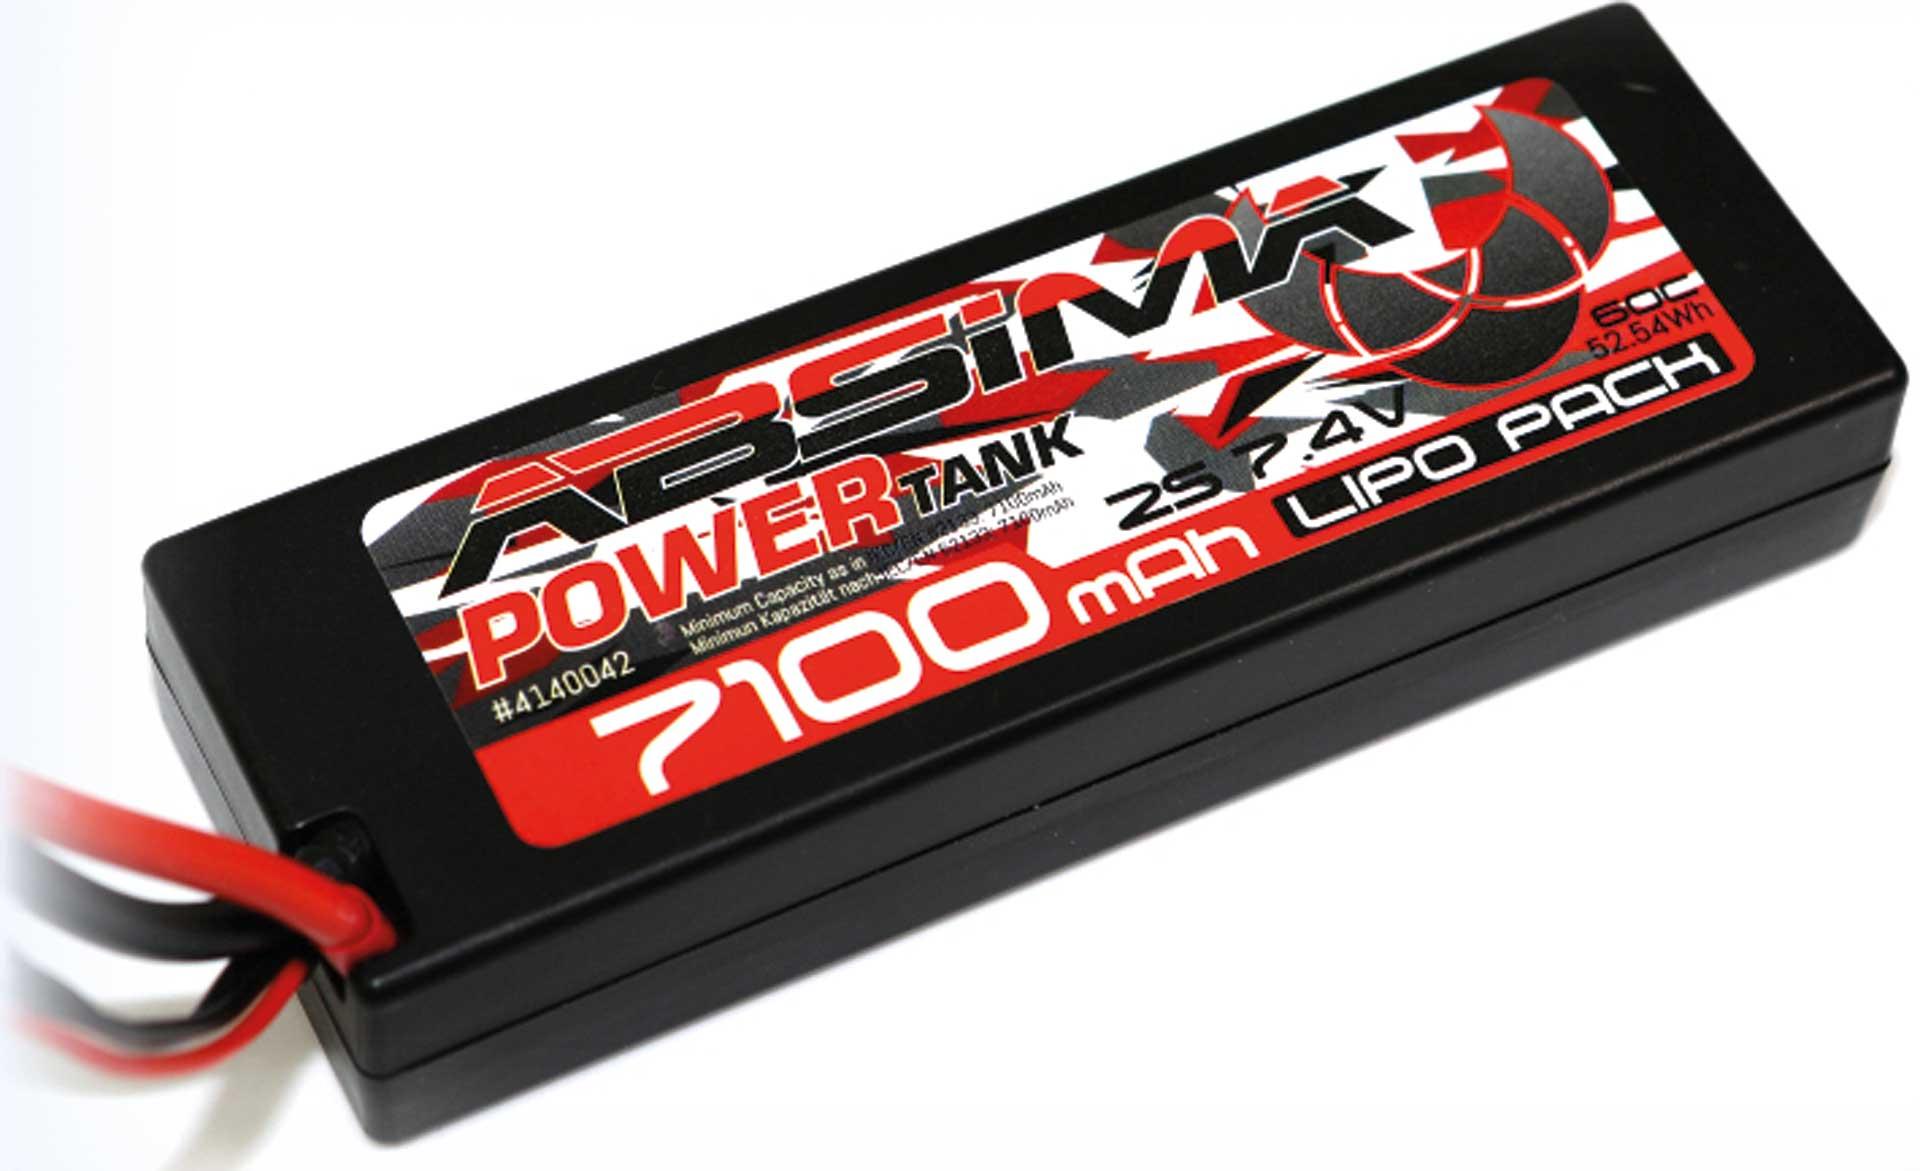 Absima Power Tank LiPo Stick Pack 7,4V 60C7100mah Hardcase (T Plug)